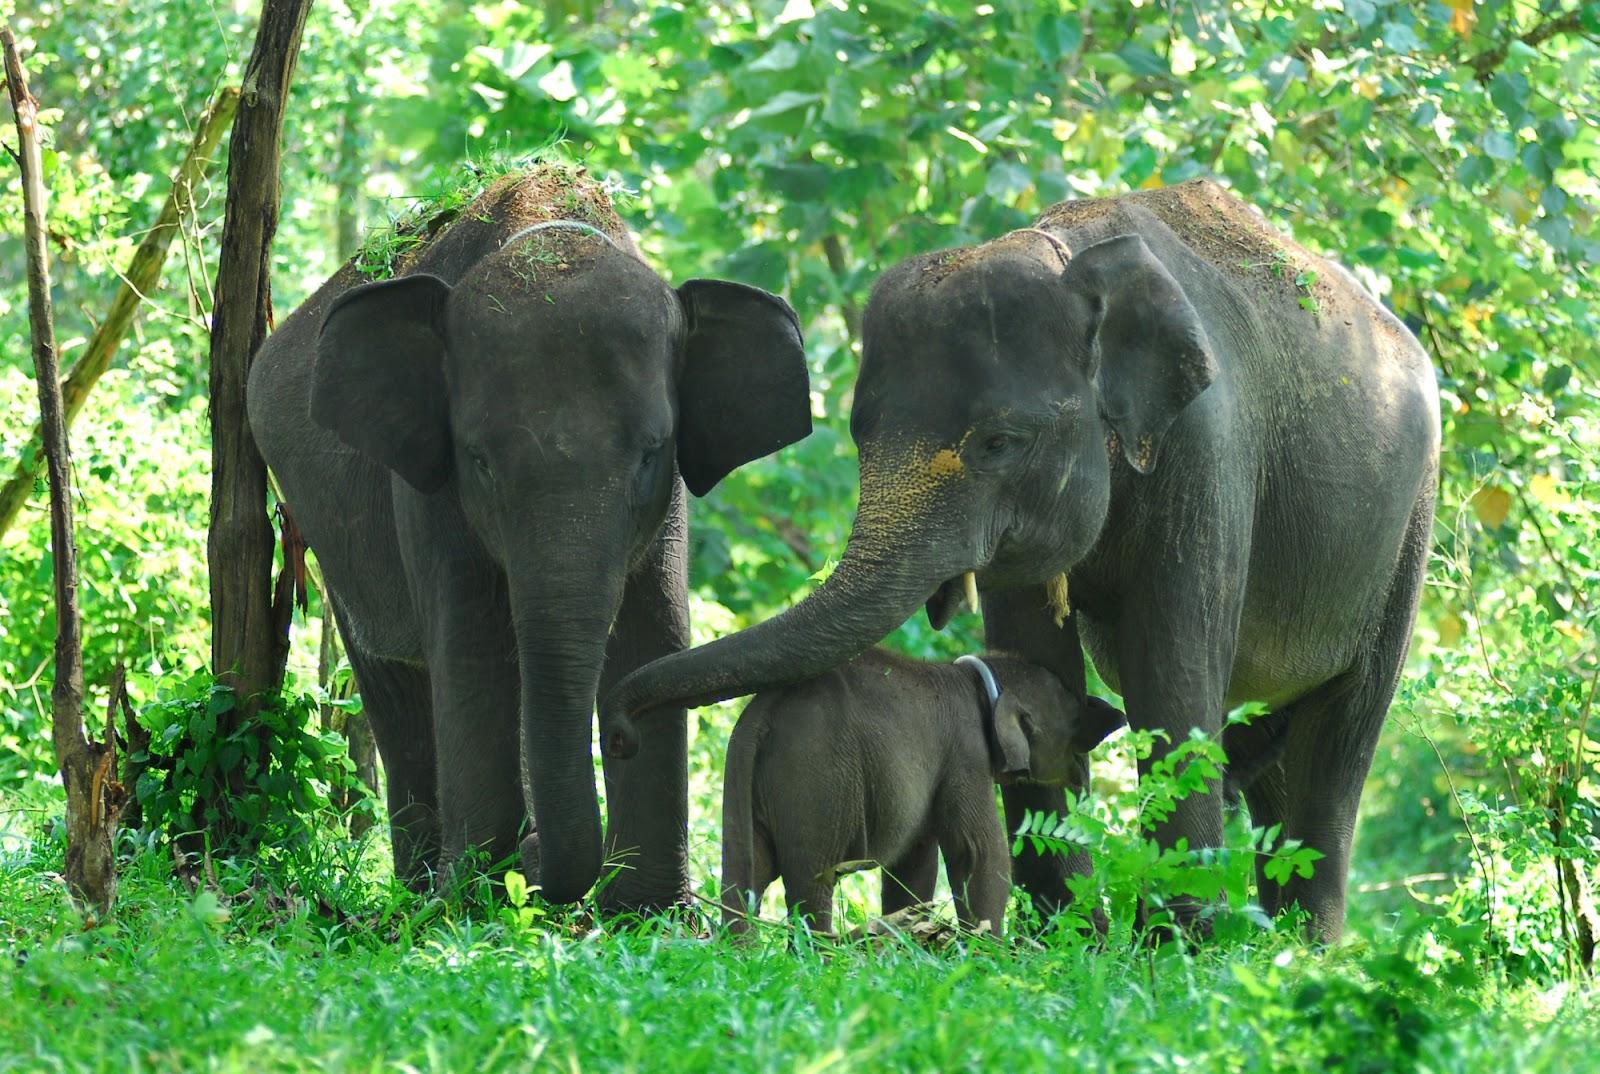 Melacak Gajah di Sumatera Selatan, Seperti Apa Kondisinya?